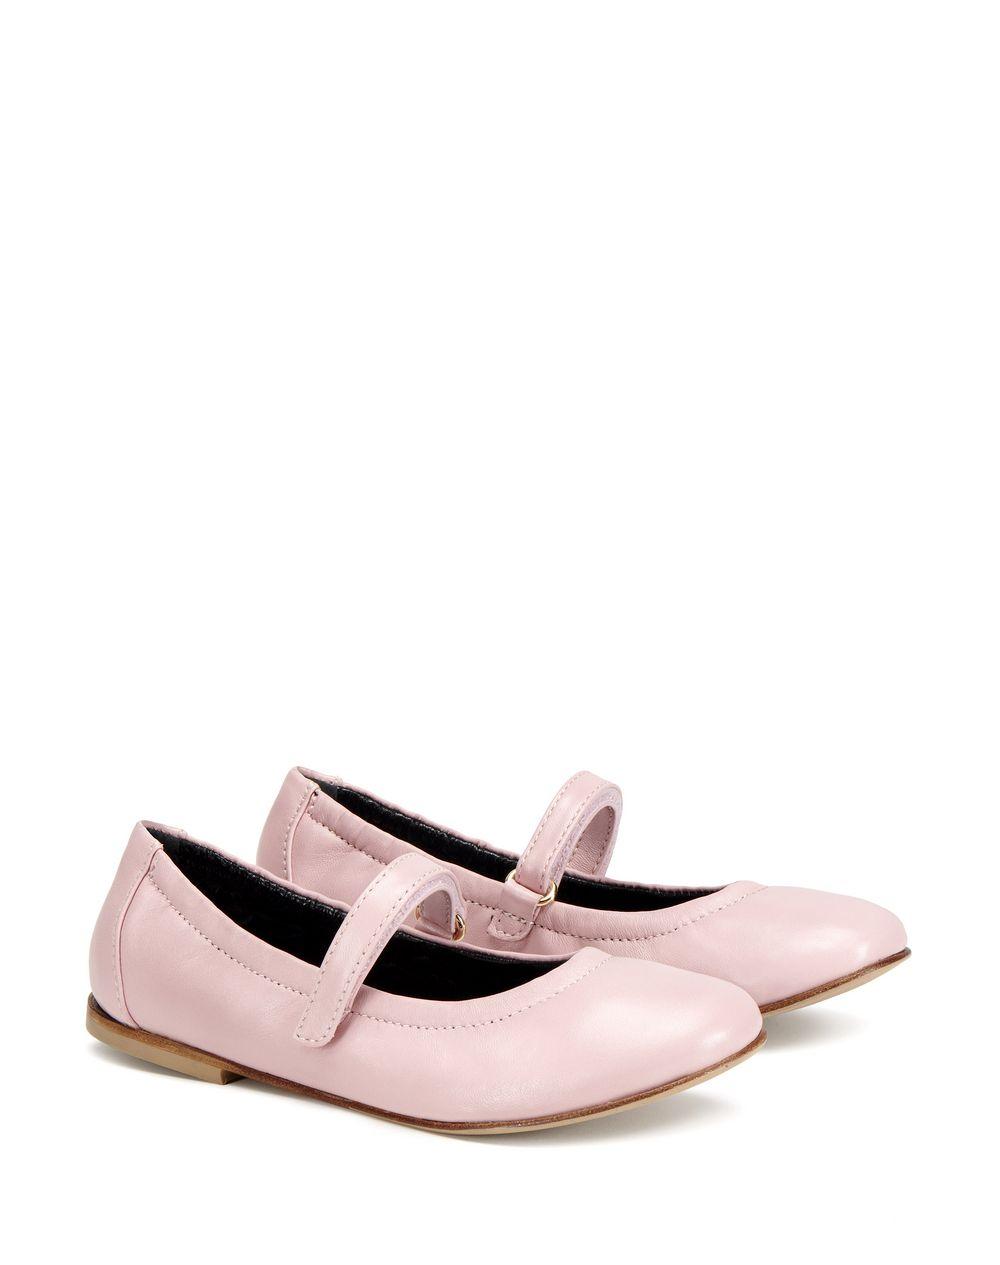 PINK BALLET FLATS  - Lanvin